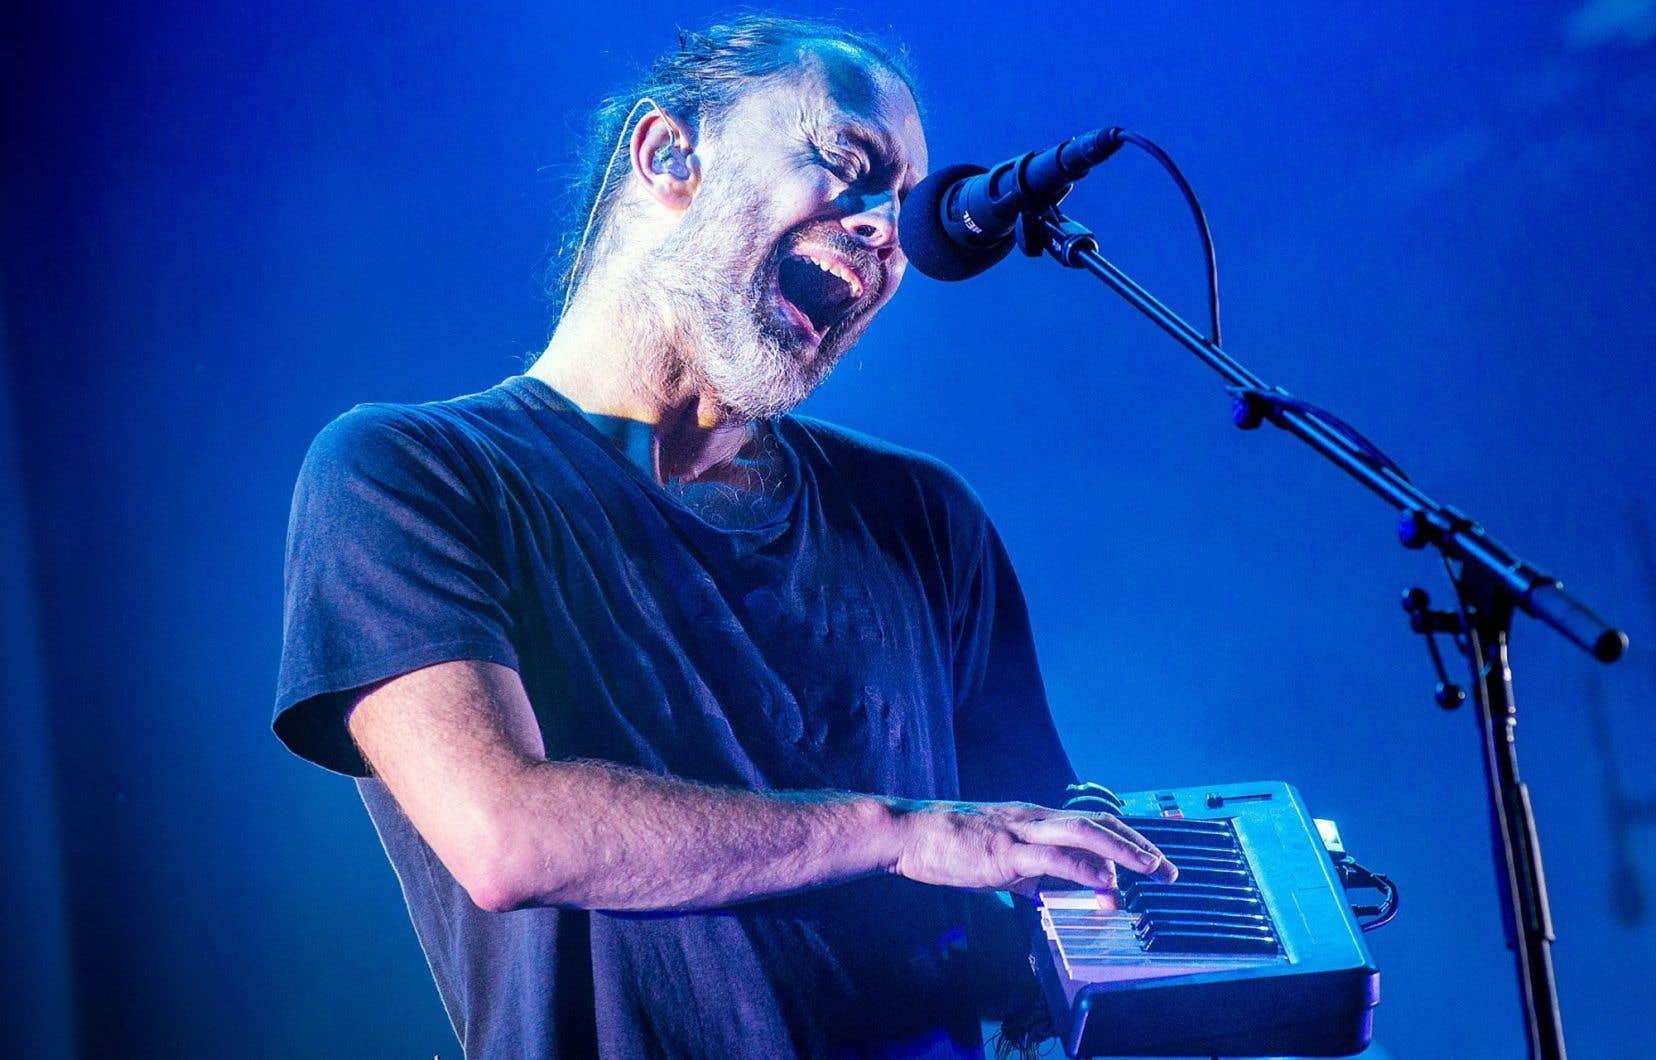 Les guitaristes de Radiohead se sont chargés d'enrober la voix plaintive de Thom Yorke, tantôt avec des pédales d'effets, tantôt en frottant leurs cordes avec un archet.